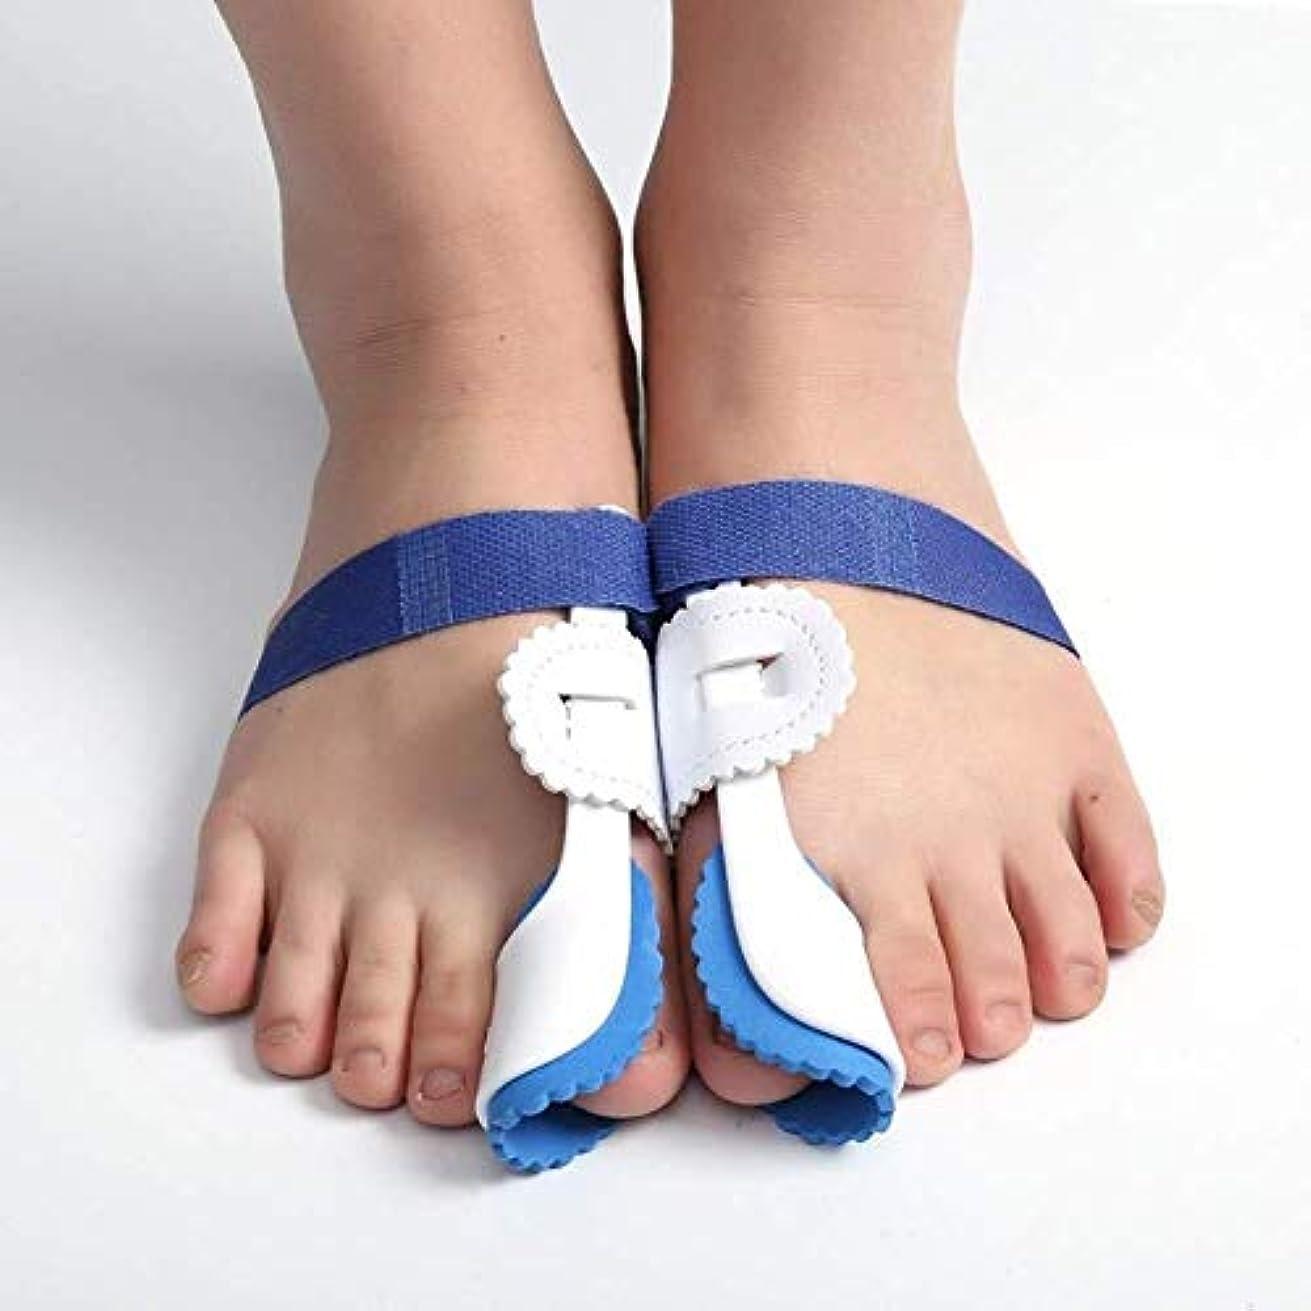 思いやり再編成するブラウス外反母趾装具ブレース外反母趾-Adjustableベルクロ足ストレイテナーのために足の親指の装具の足プロテクター、